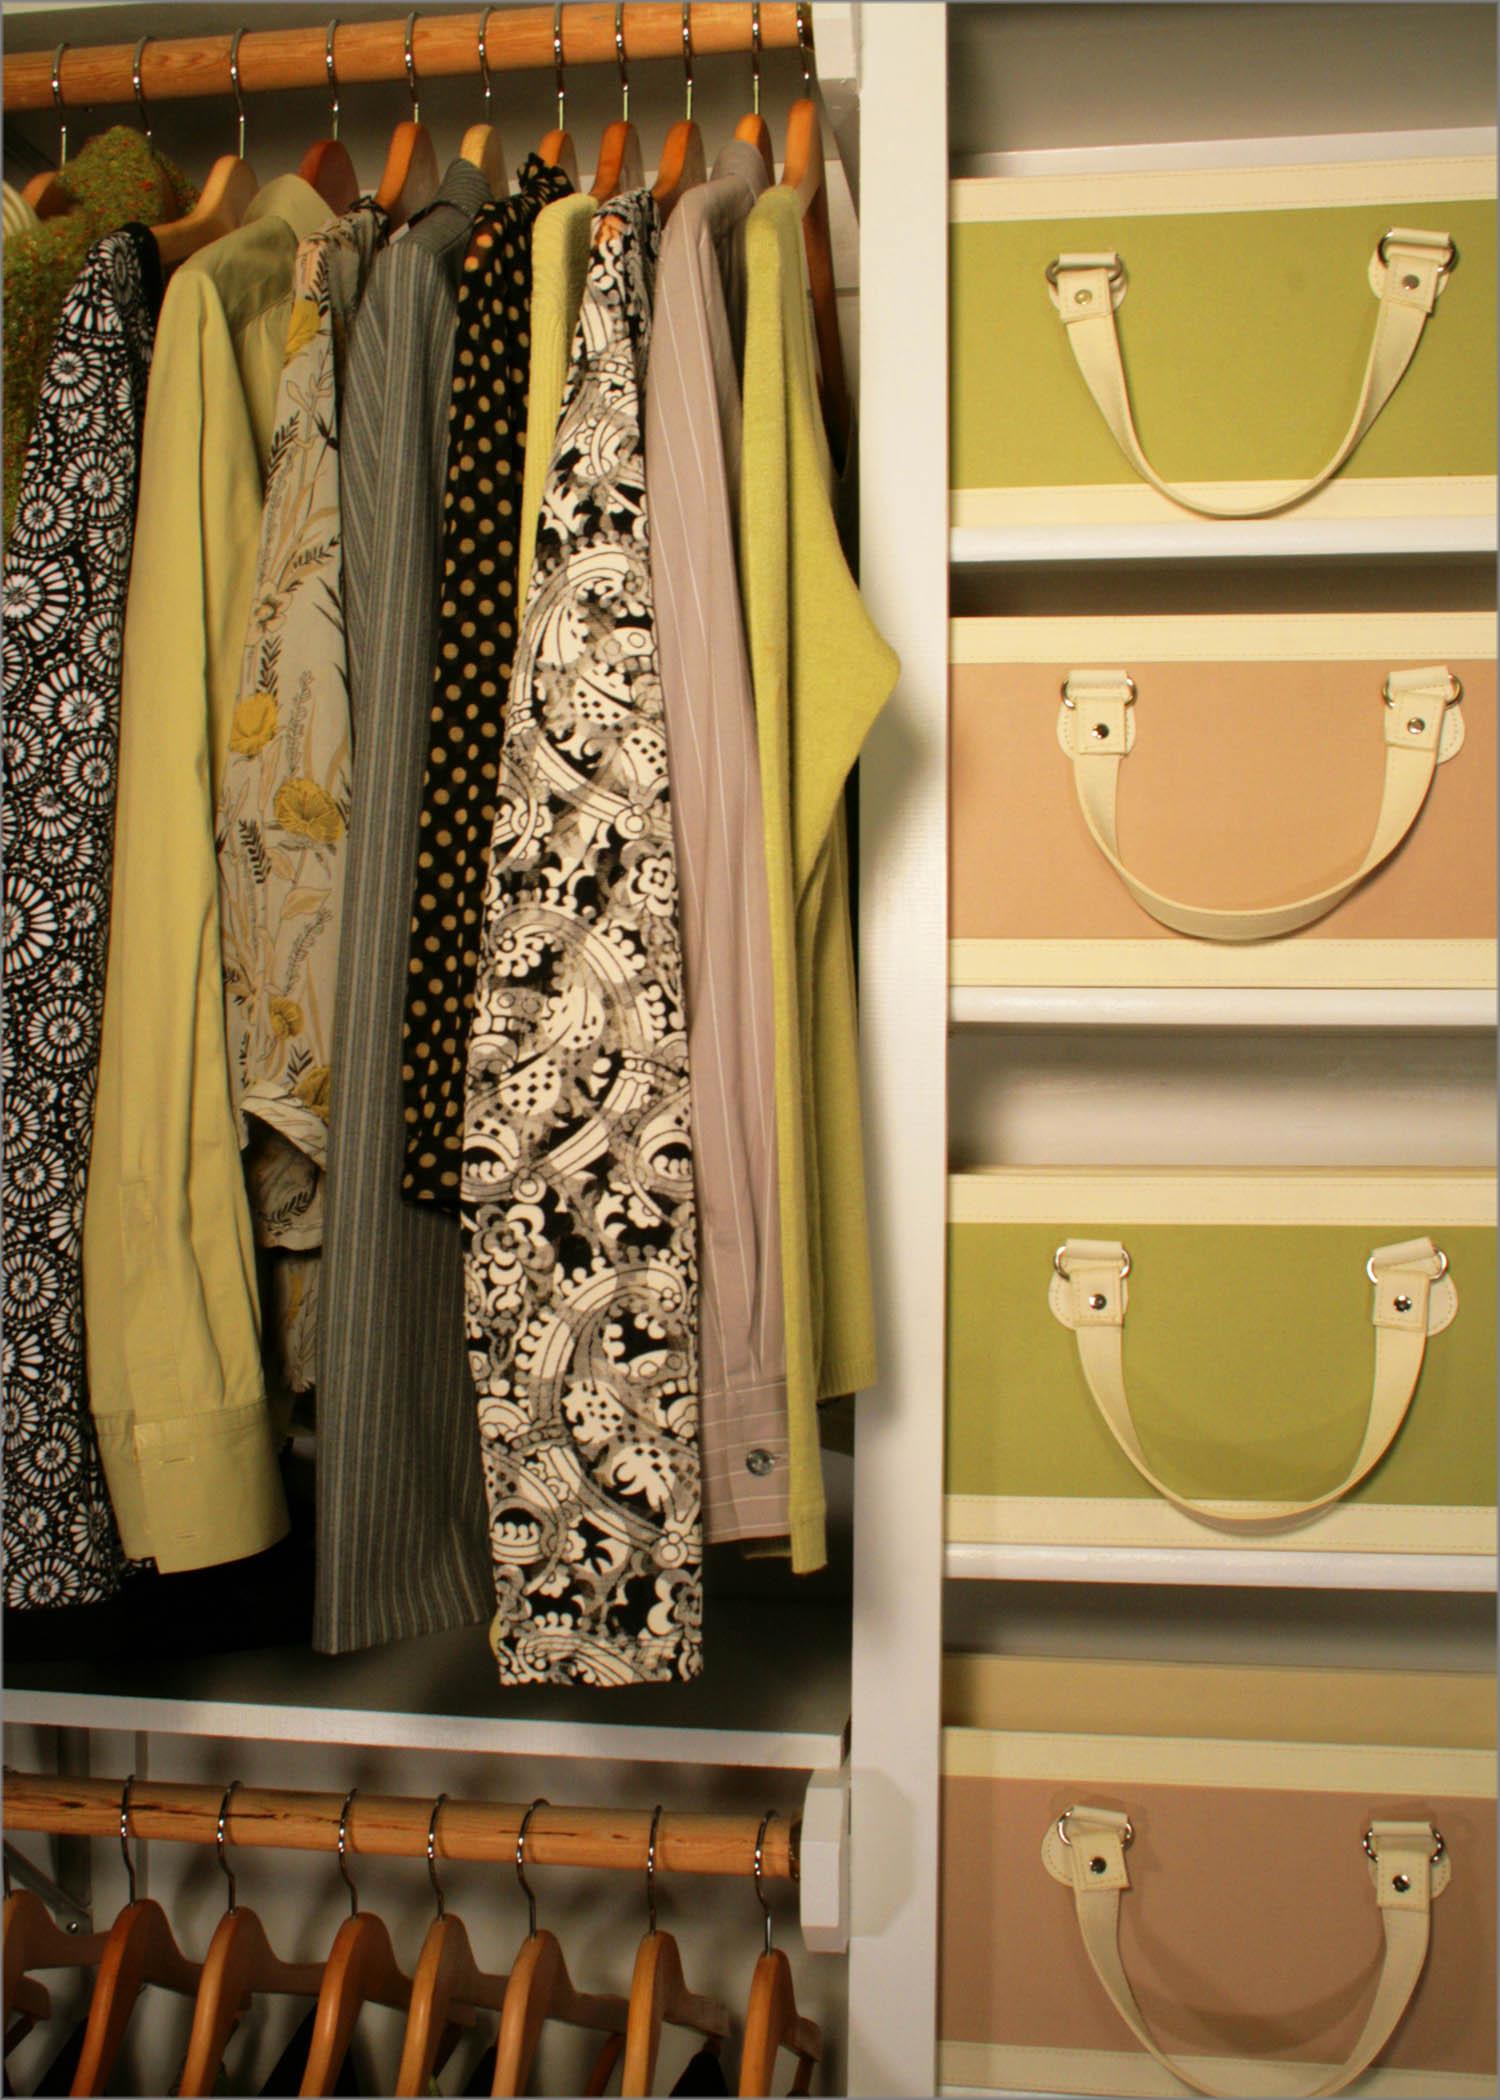 garde-robe—menage-tri-rangement-epuration-maison-menage-organisation-minimalisme-decorer_deco_idees_solutions_trucs_conseils_comment_decoration_interieure_design_interieur_ameublement_quebec_canada